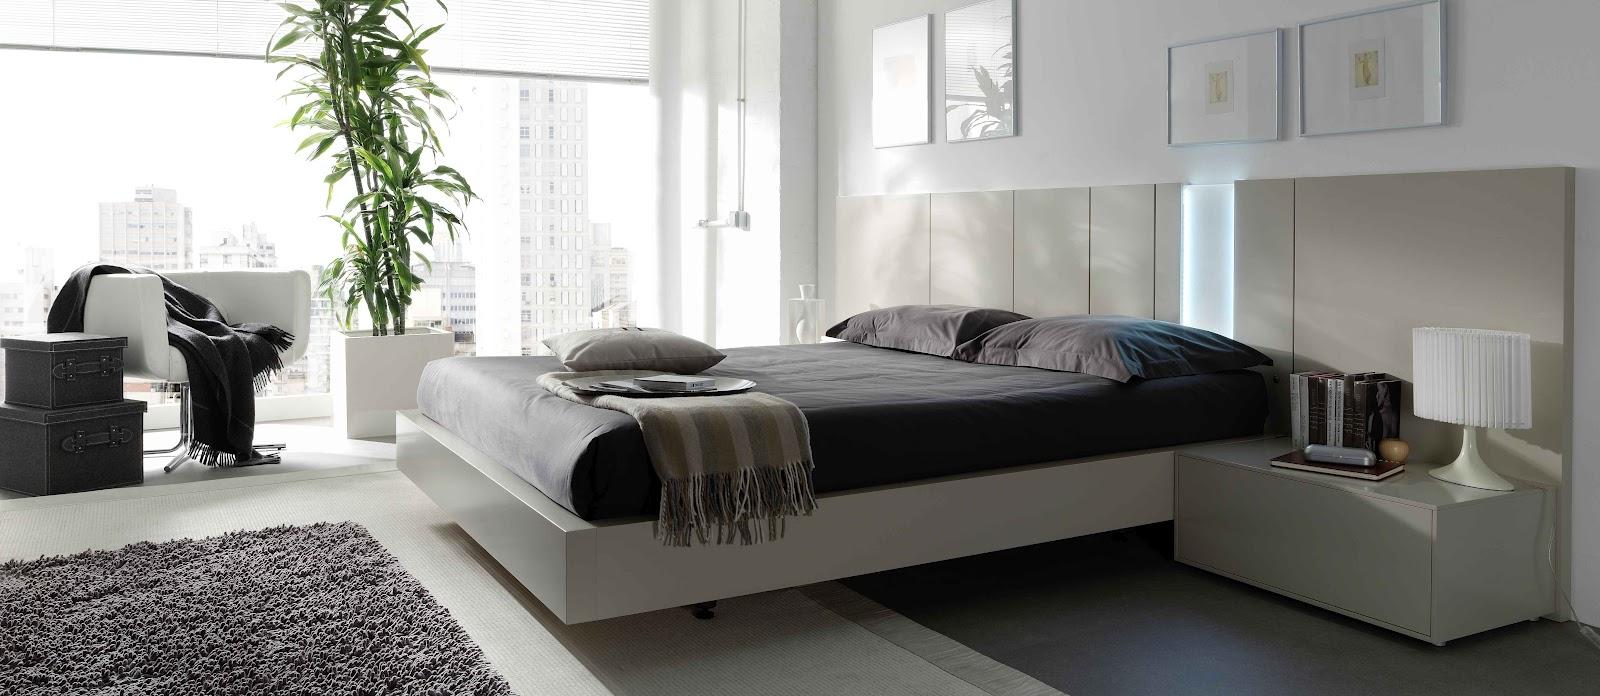 Muebles arranz dormitorios mobenia for Habitaciones en madrid